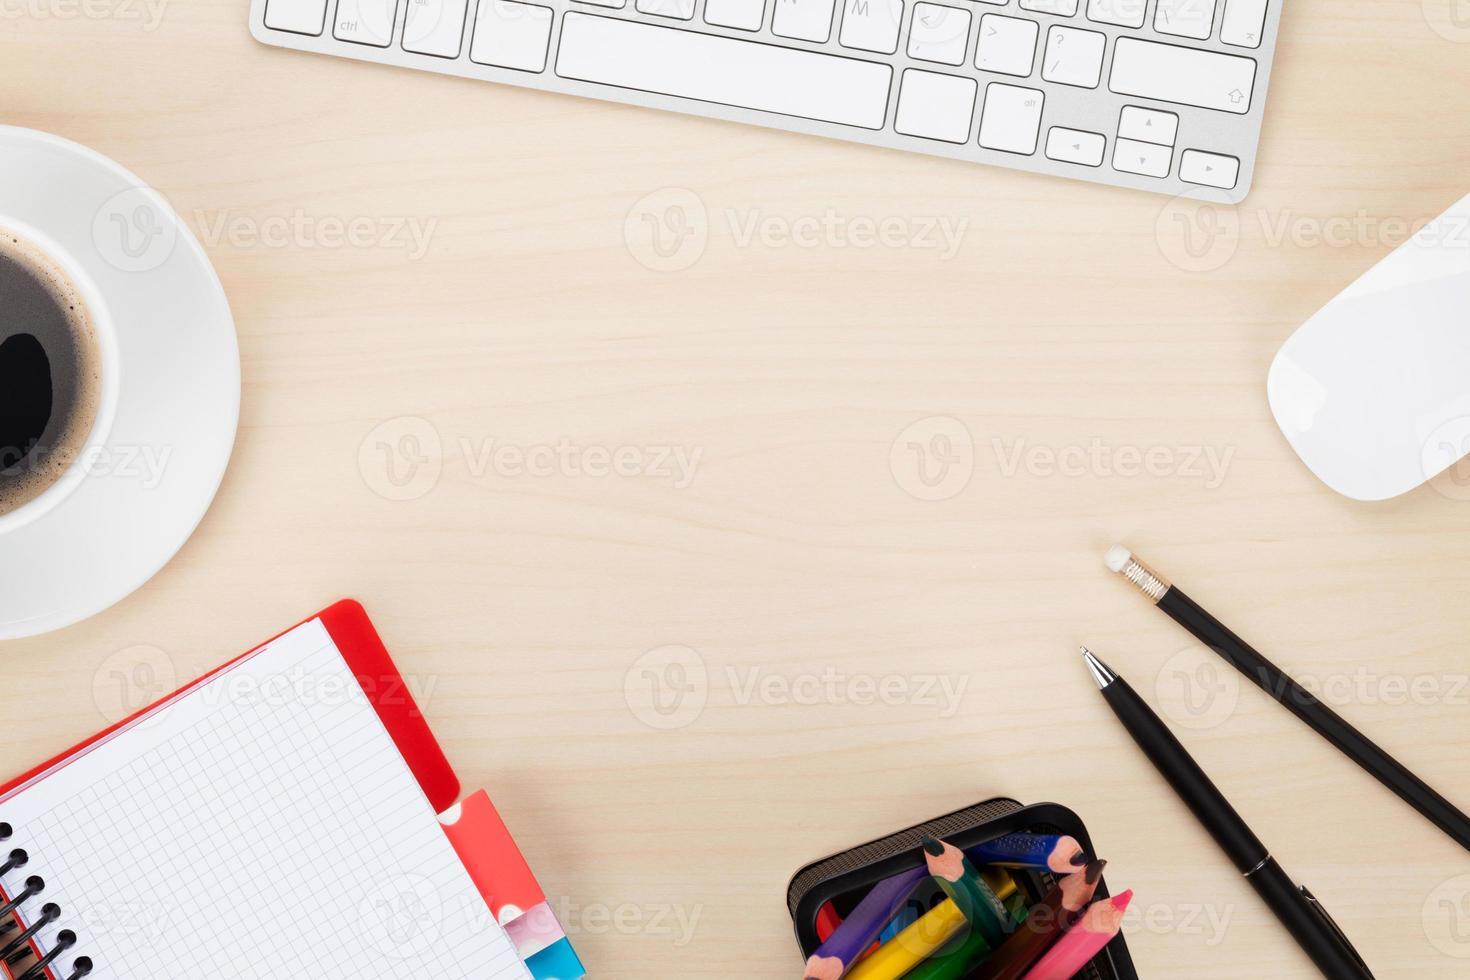 kantoortafel met computer, benodigdheden en koffiekopje foto